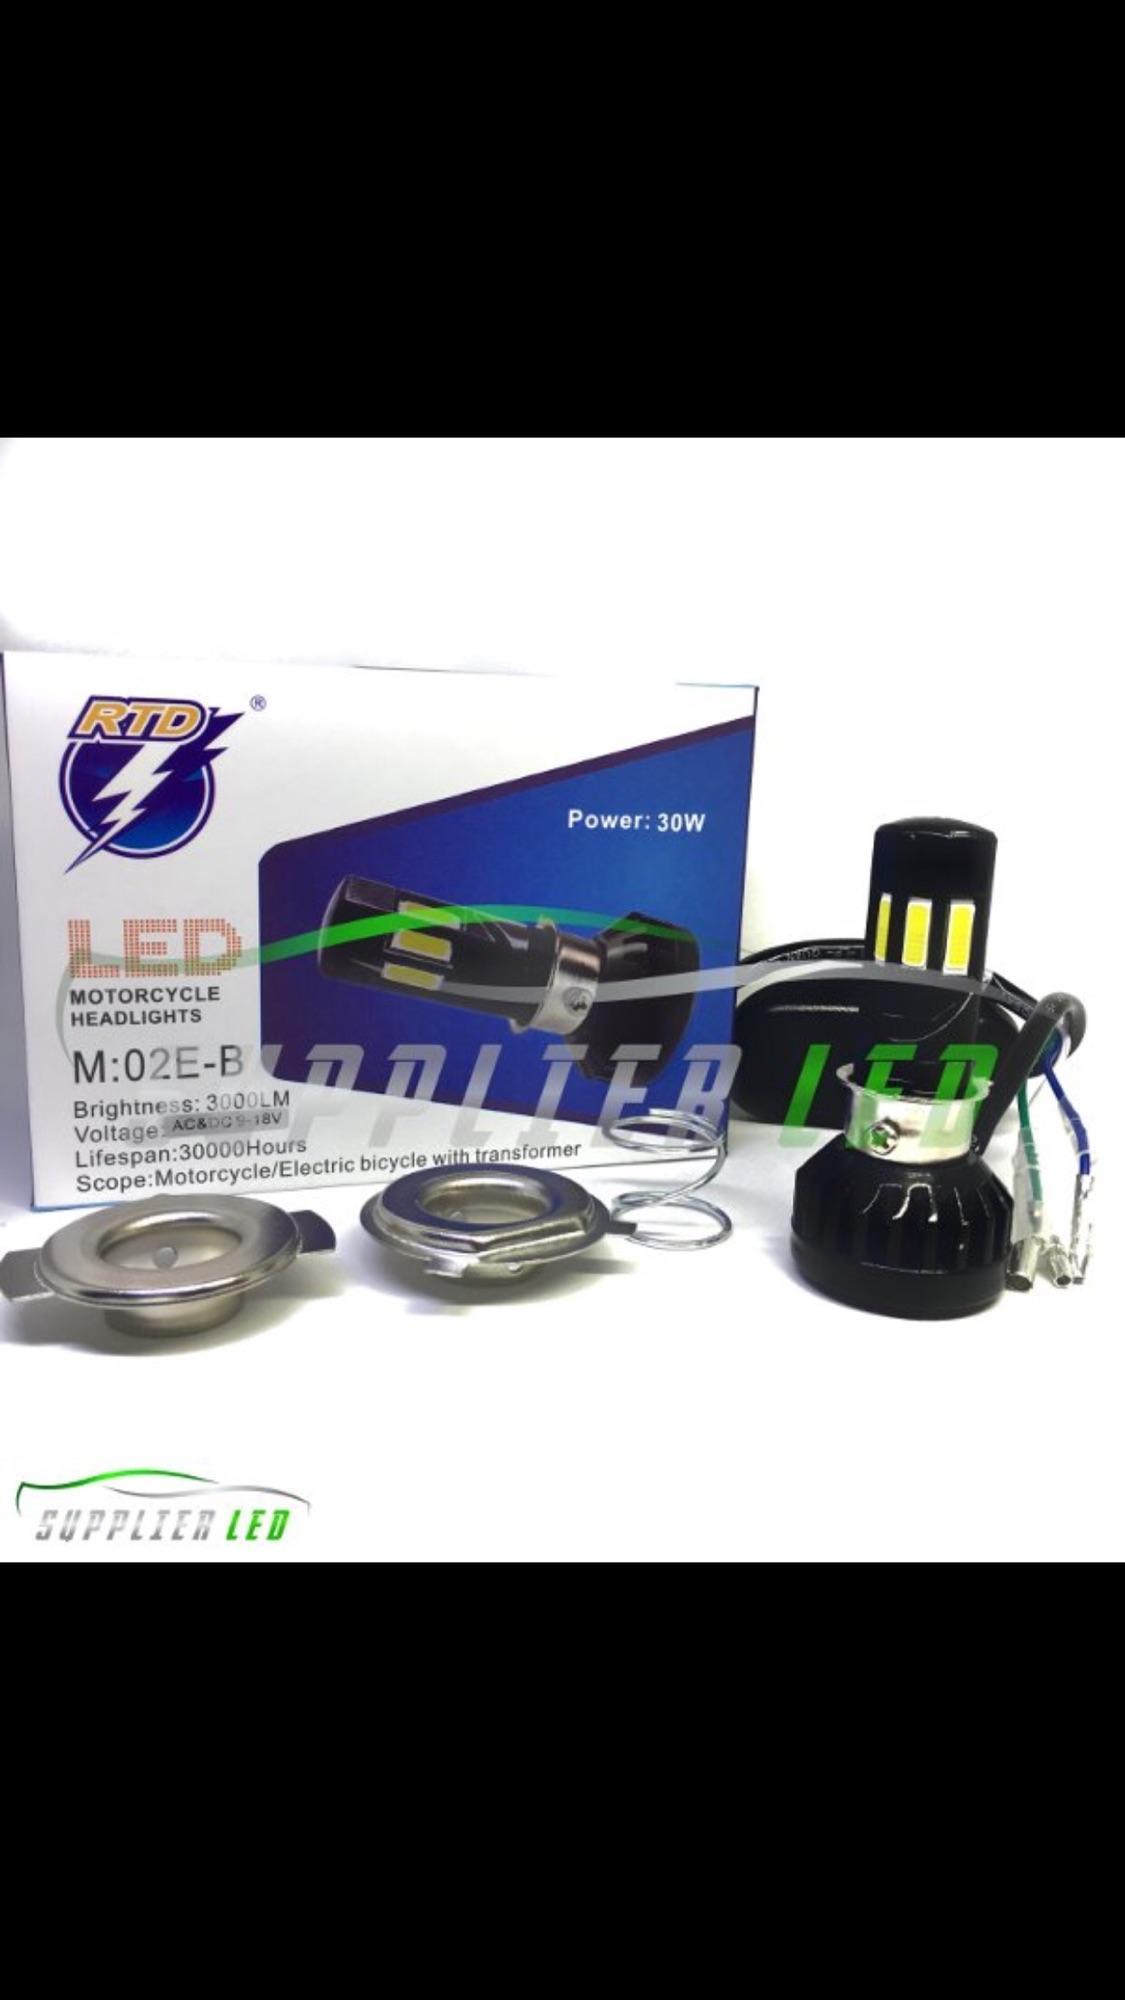 Kelebihan Lampu Utama Led Motor 2 Sisi Rtd M11g Socket H6 Terkini Depan Dc Mobil 6 M02e B